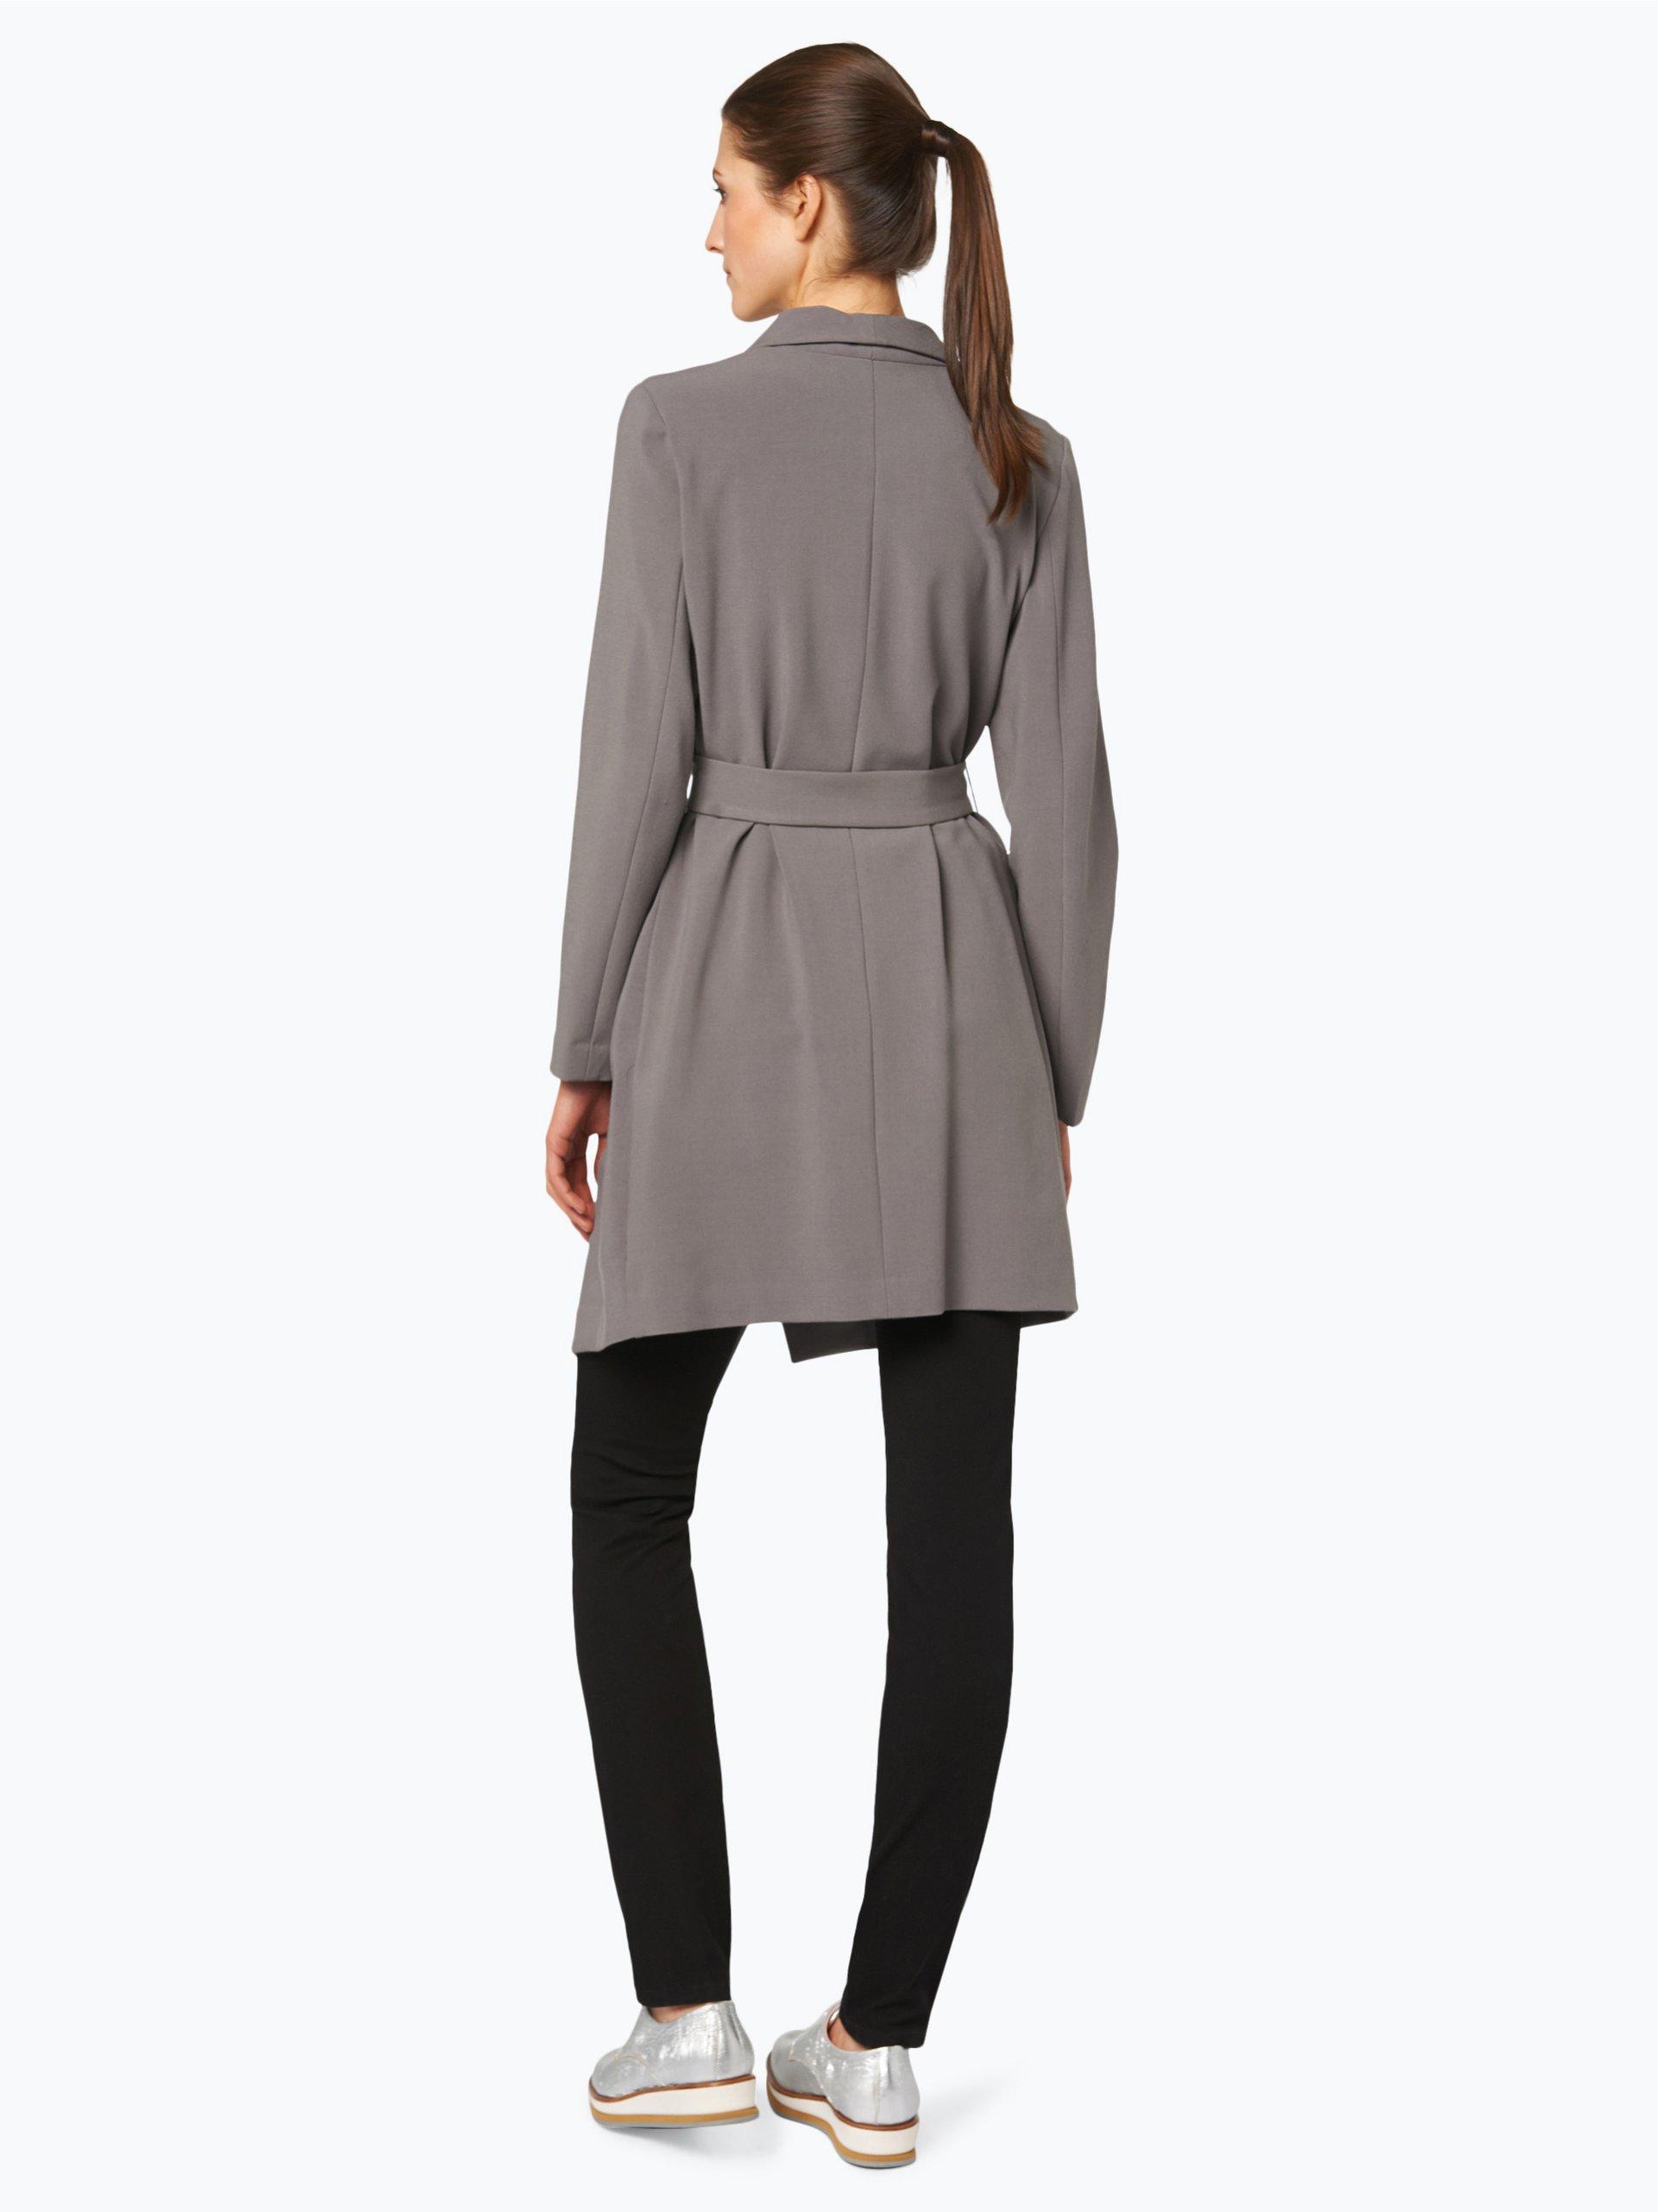 marie lund damen mantel anthrazit uni online kaufen peek und cloppenburg de. Black Bedroom Furniture Sets. Home Design Ideas